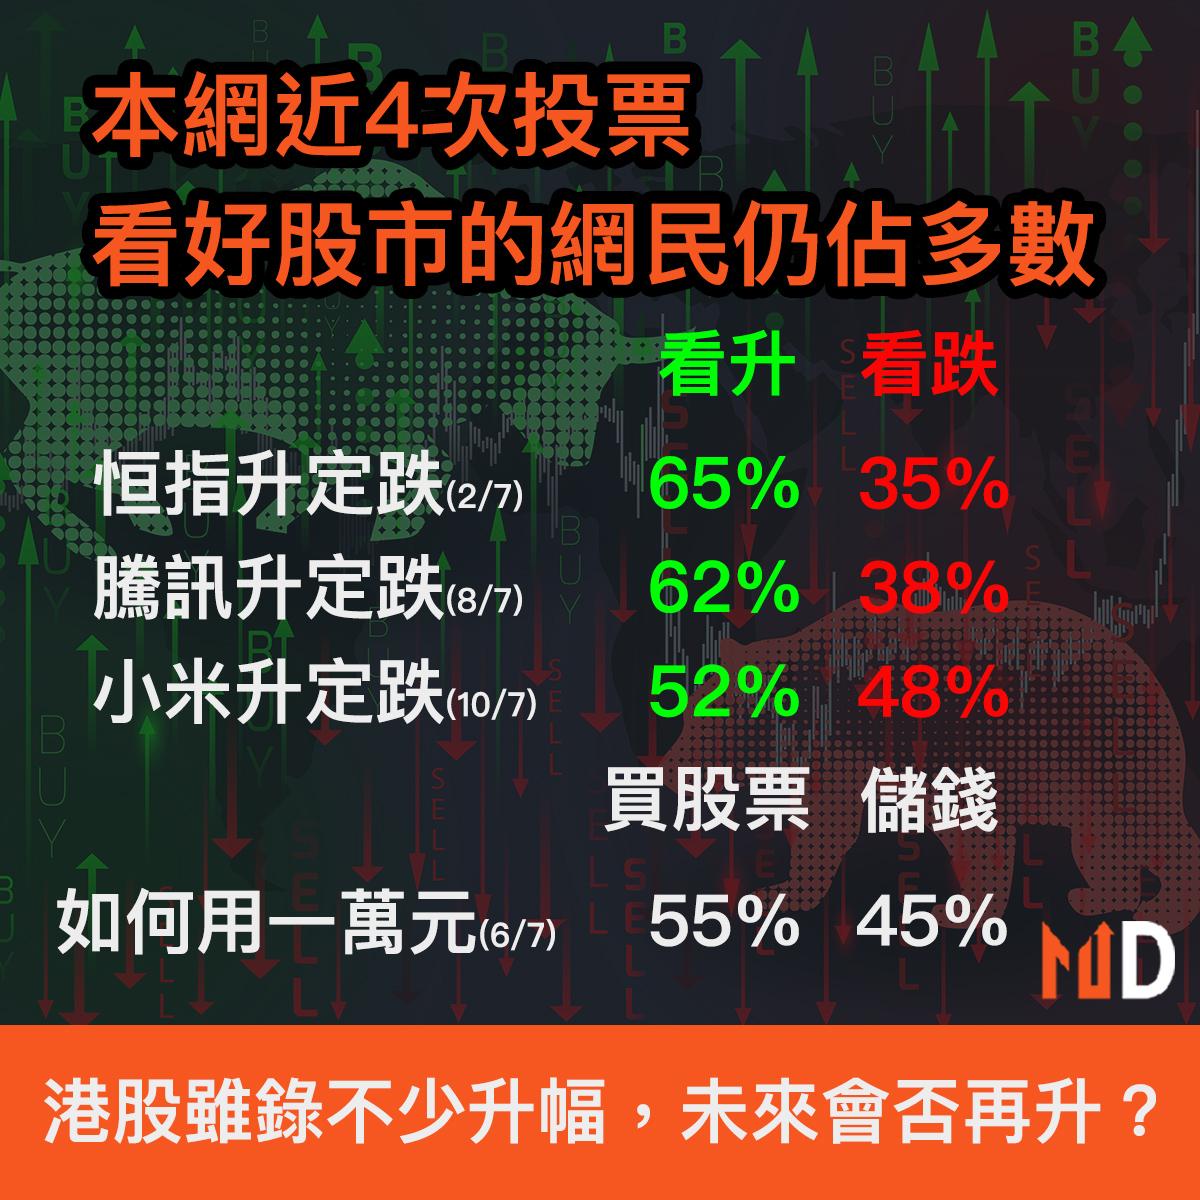 【牛熊對決】本網近4次投票,看好股市的網民仍佔多數